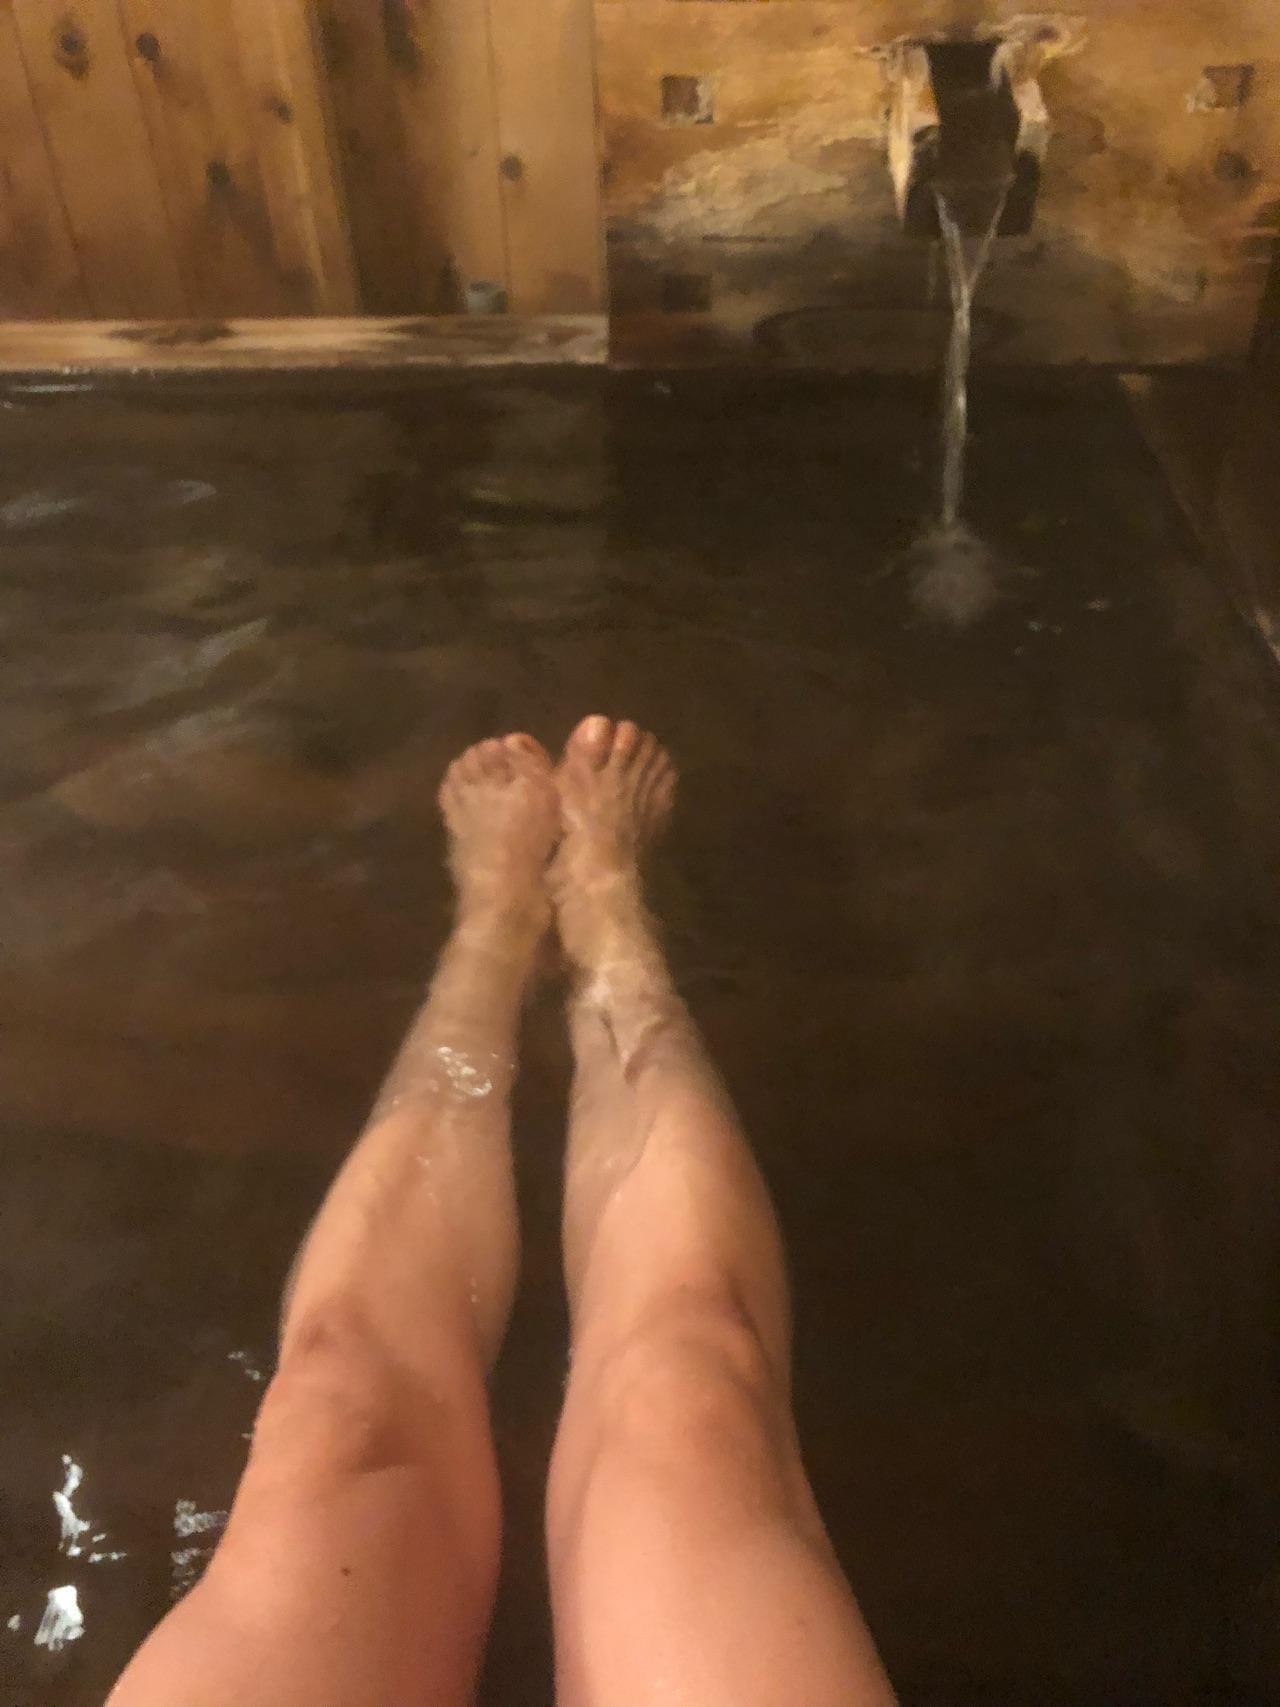 「朝風呂堪能しました」11/14(水) 05:26 | えみの写メ・風俗動画